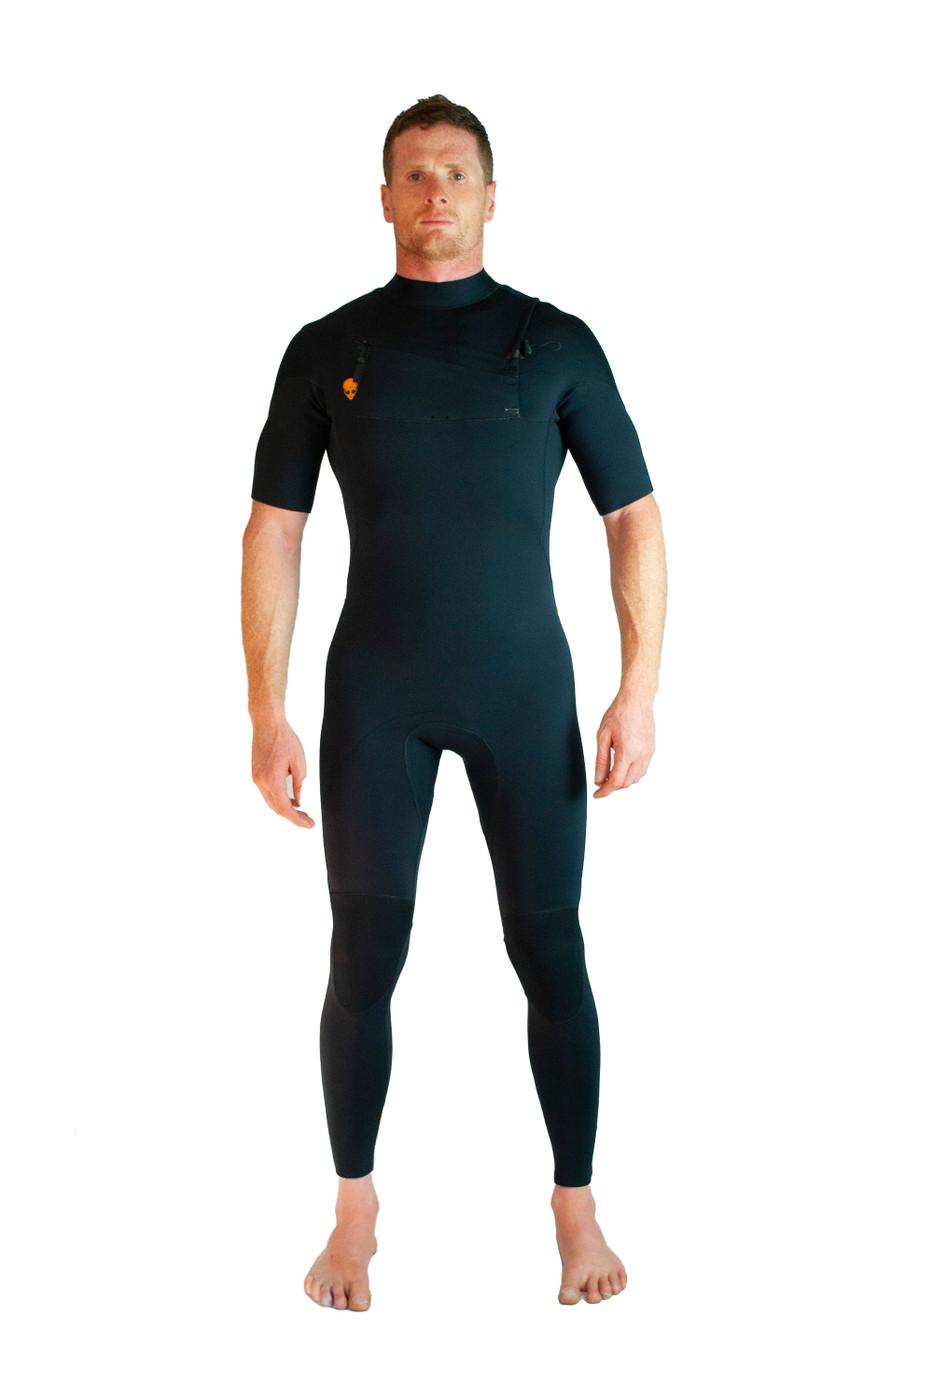 Lunasurf 2mm wetsuit summer